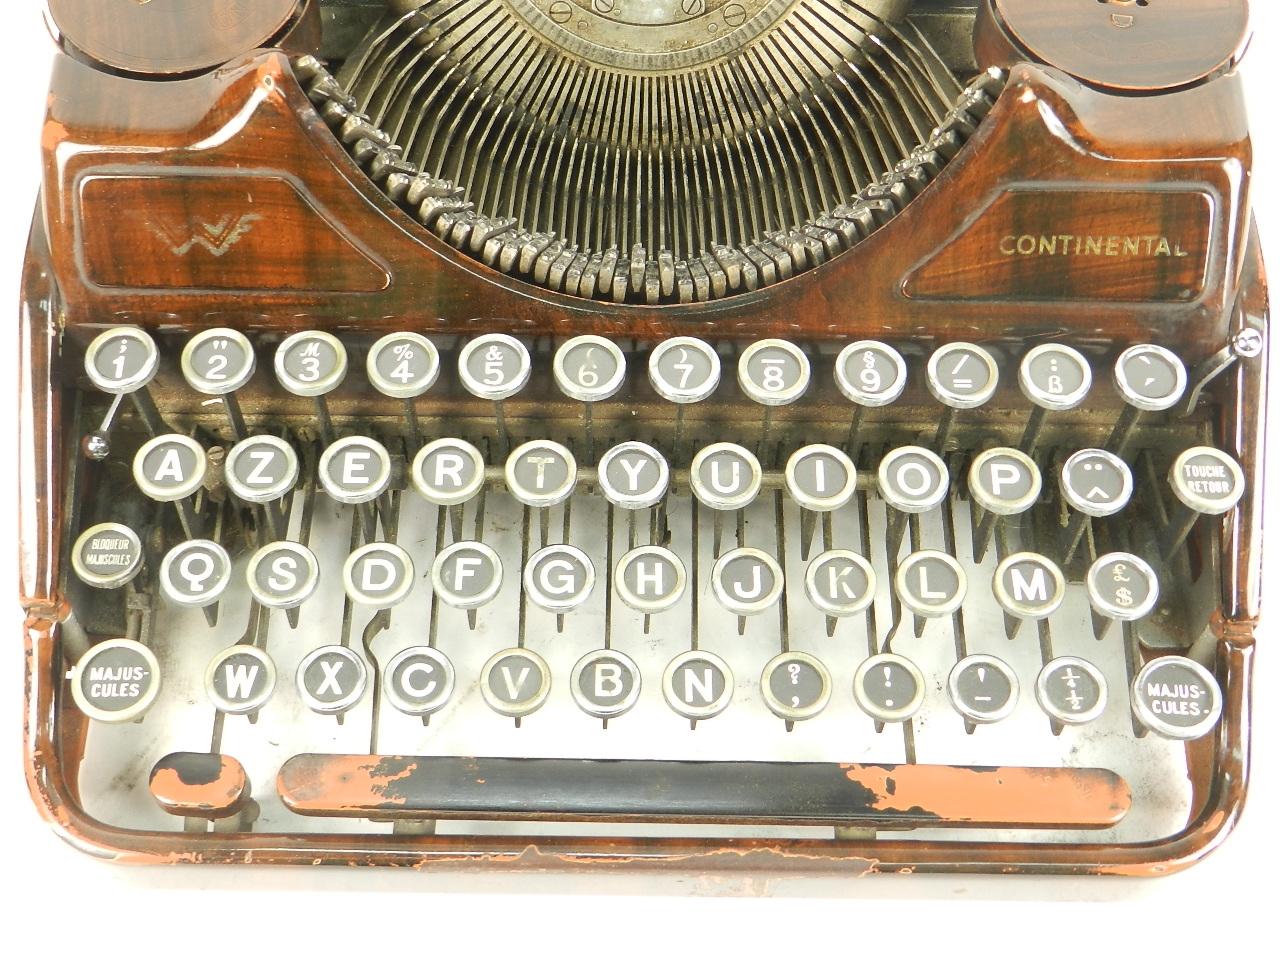 Imagen RARA CONTINENTAL COLOR MARRÓN AÑO 1935 27409